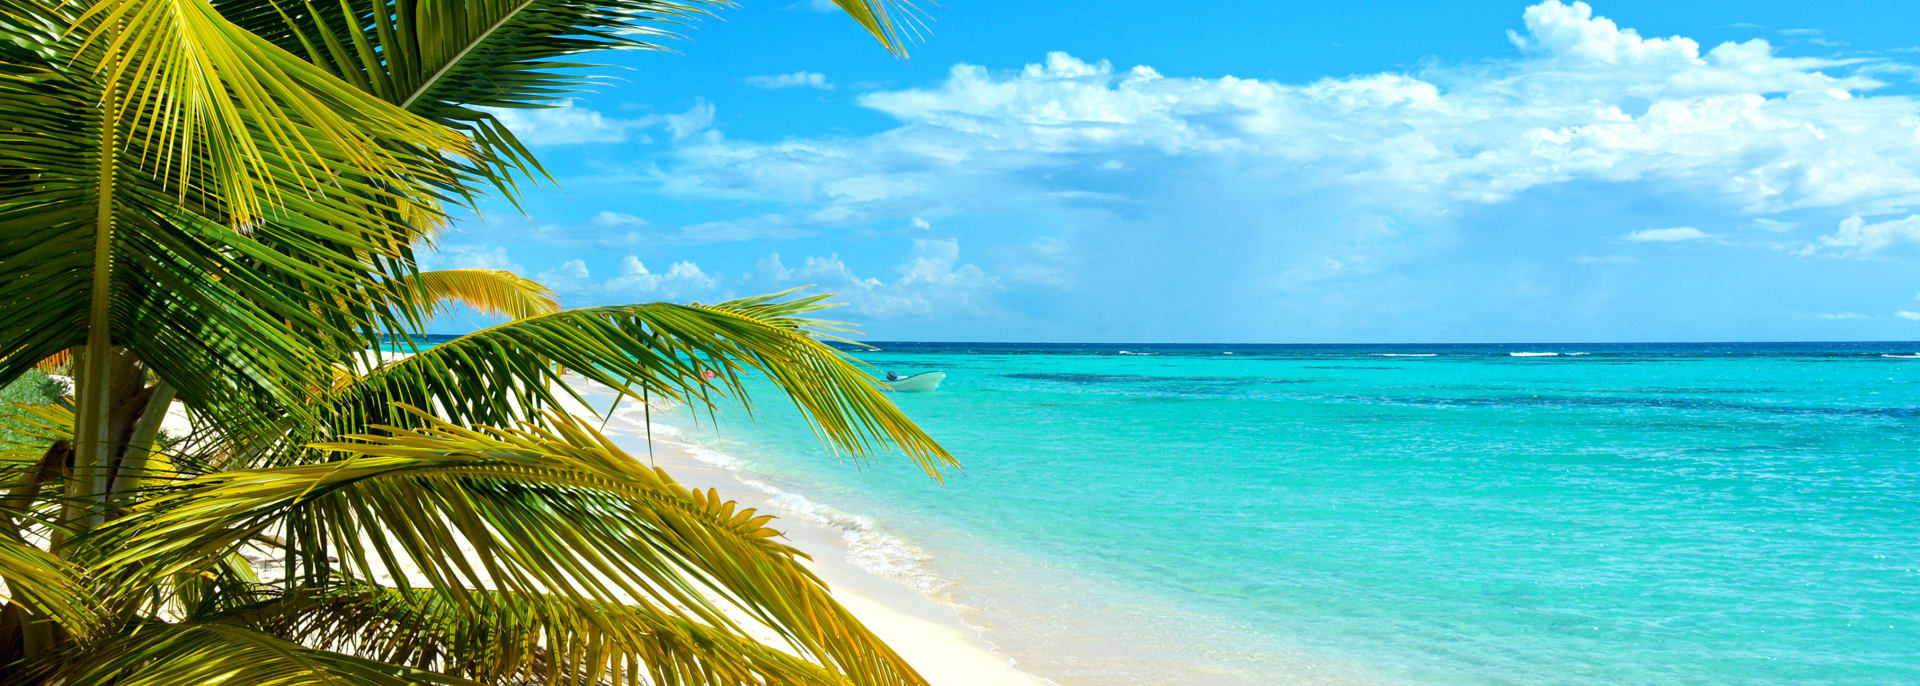 Karibische Insel.